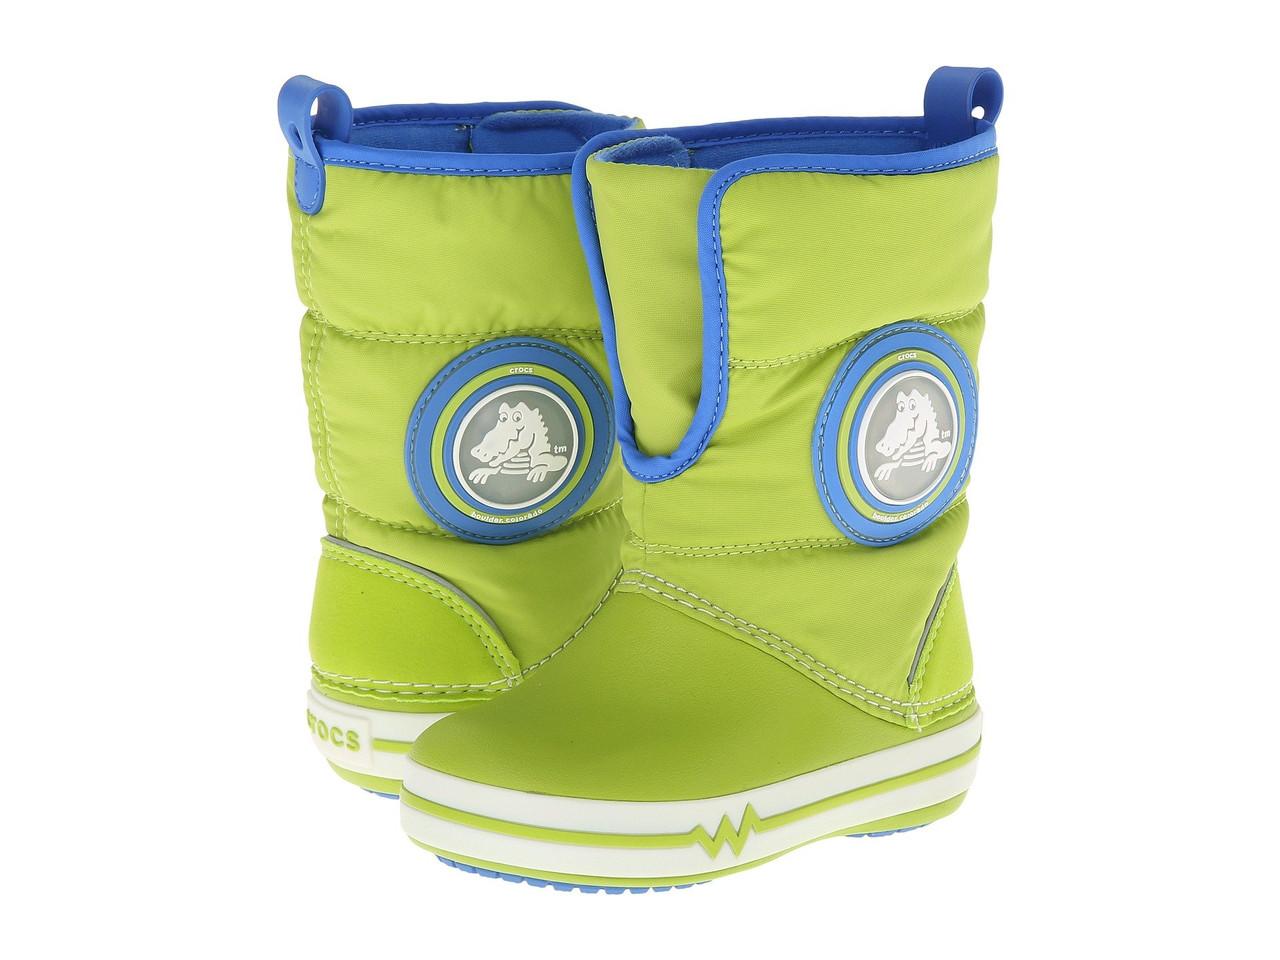 Детские зимние сапоги Крокс Kids  CrocsLights Gust Boot. Оригинал из США.  Светятся и fddabbb00292f